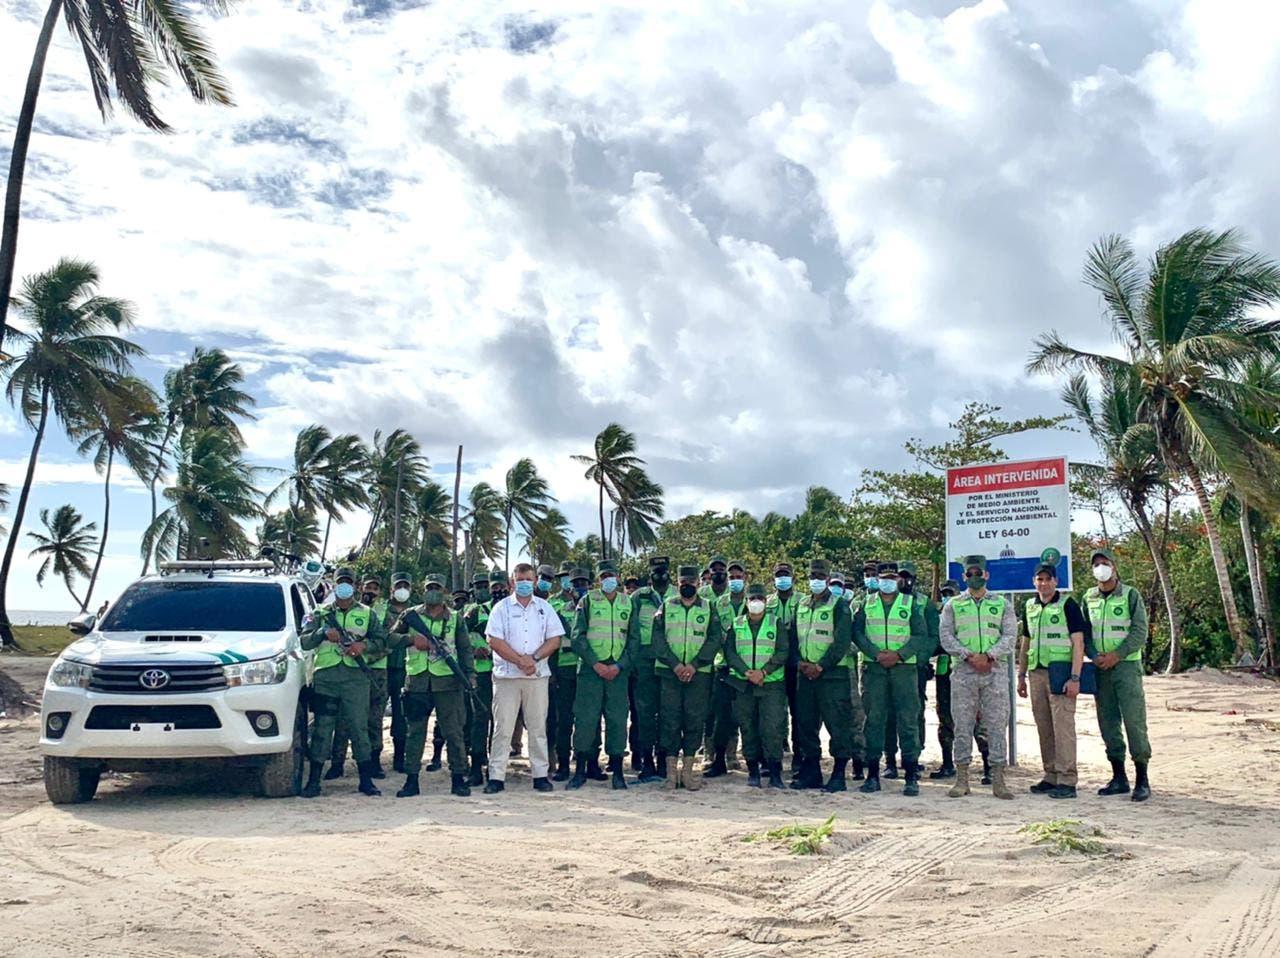 Medio Ambiente, Defensa y Senpa,  dan toques finales al operativo de  rescate de playa Cabeza de Toro en Punta Cana